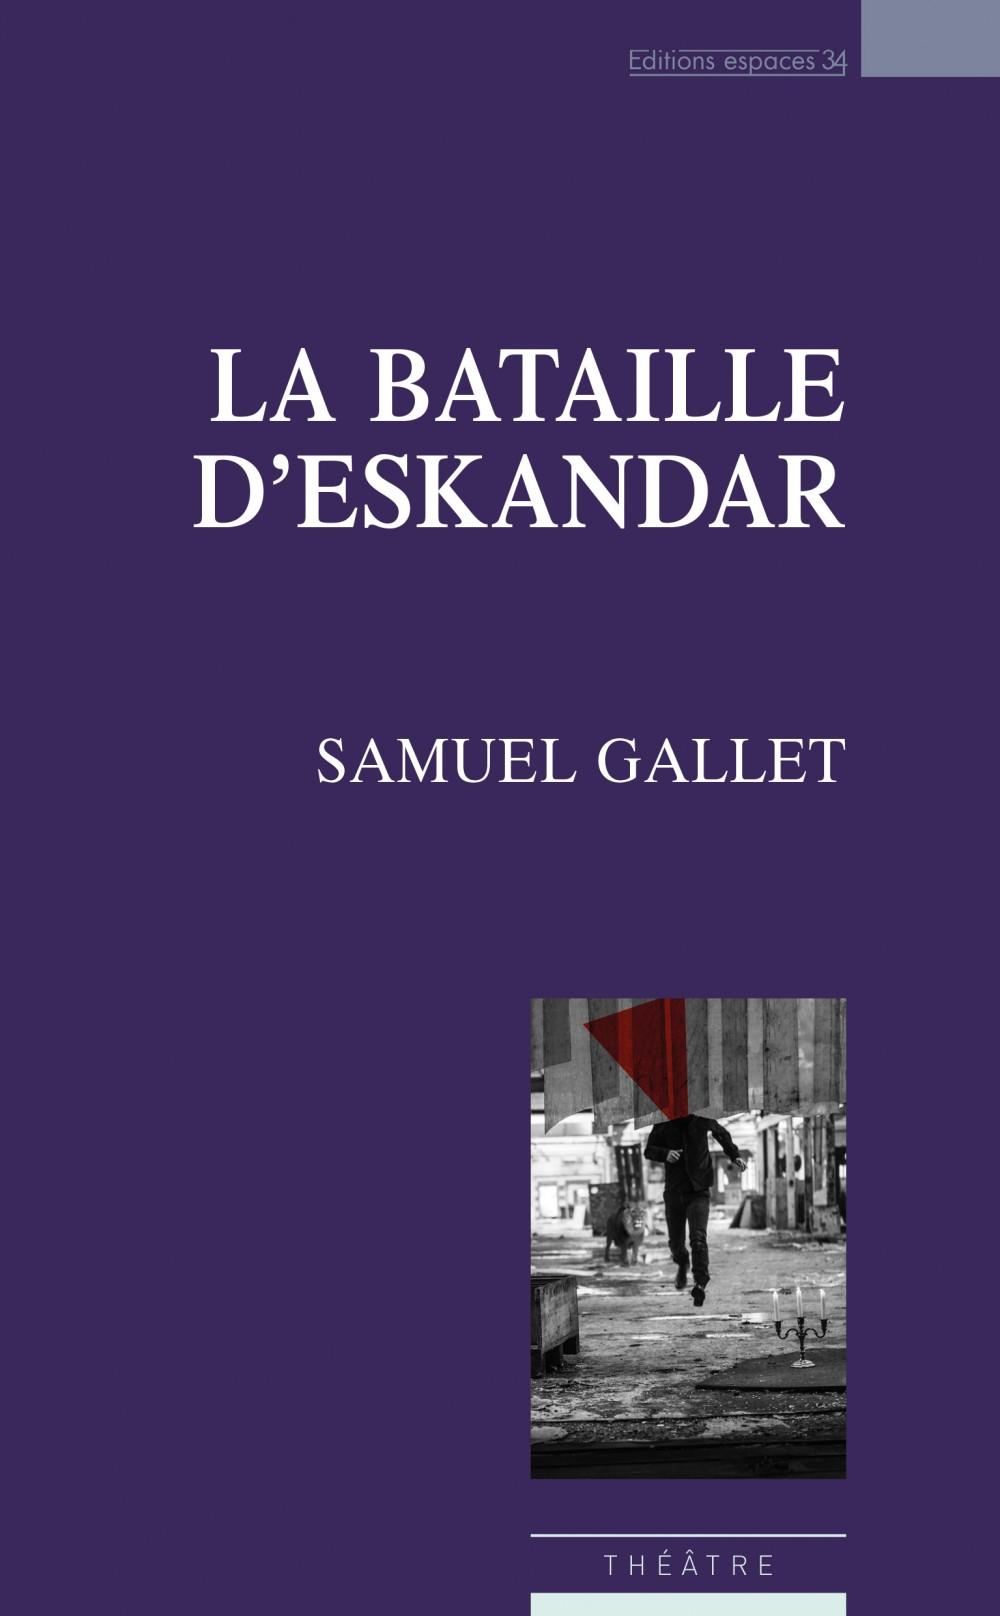 La bataille d'Eskandar